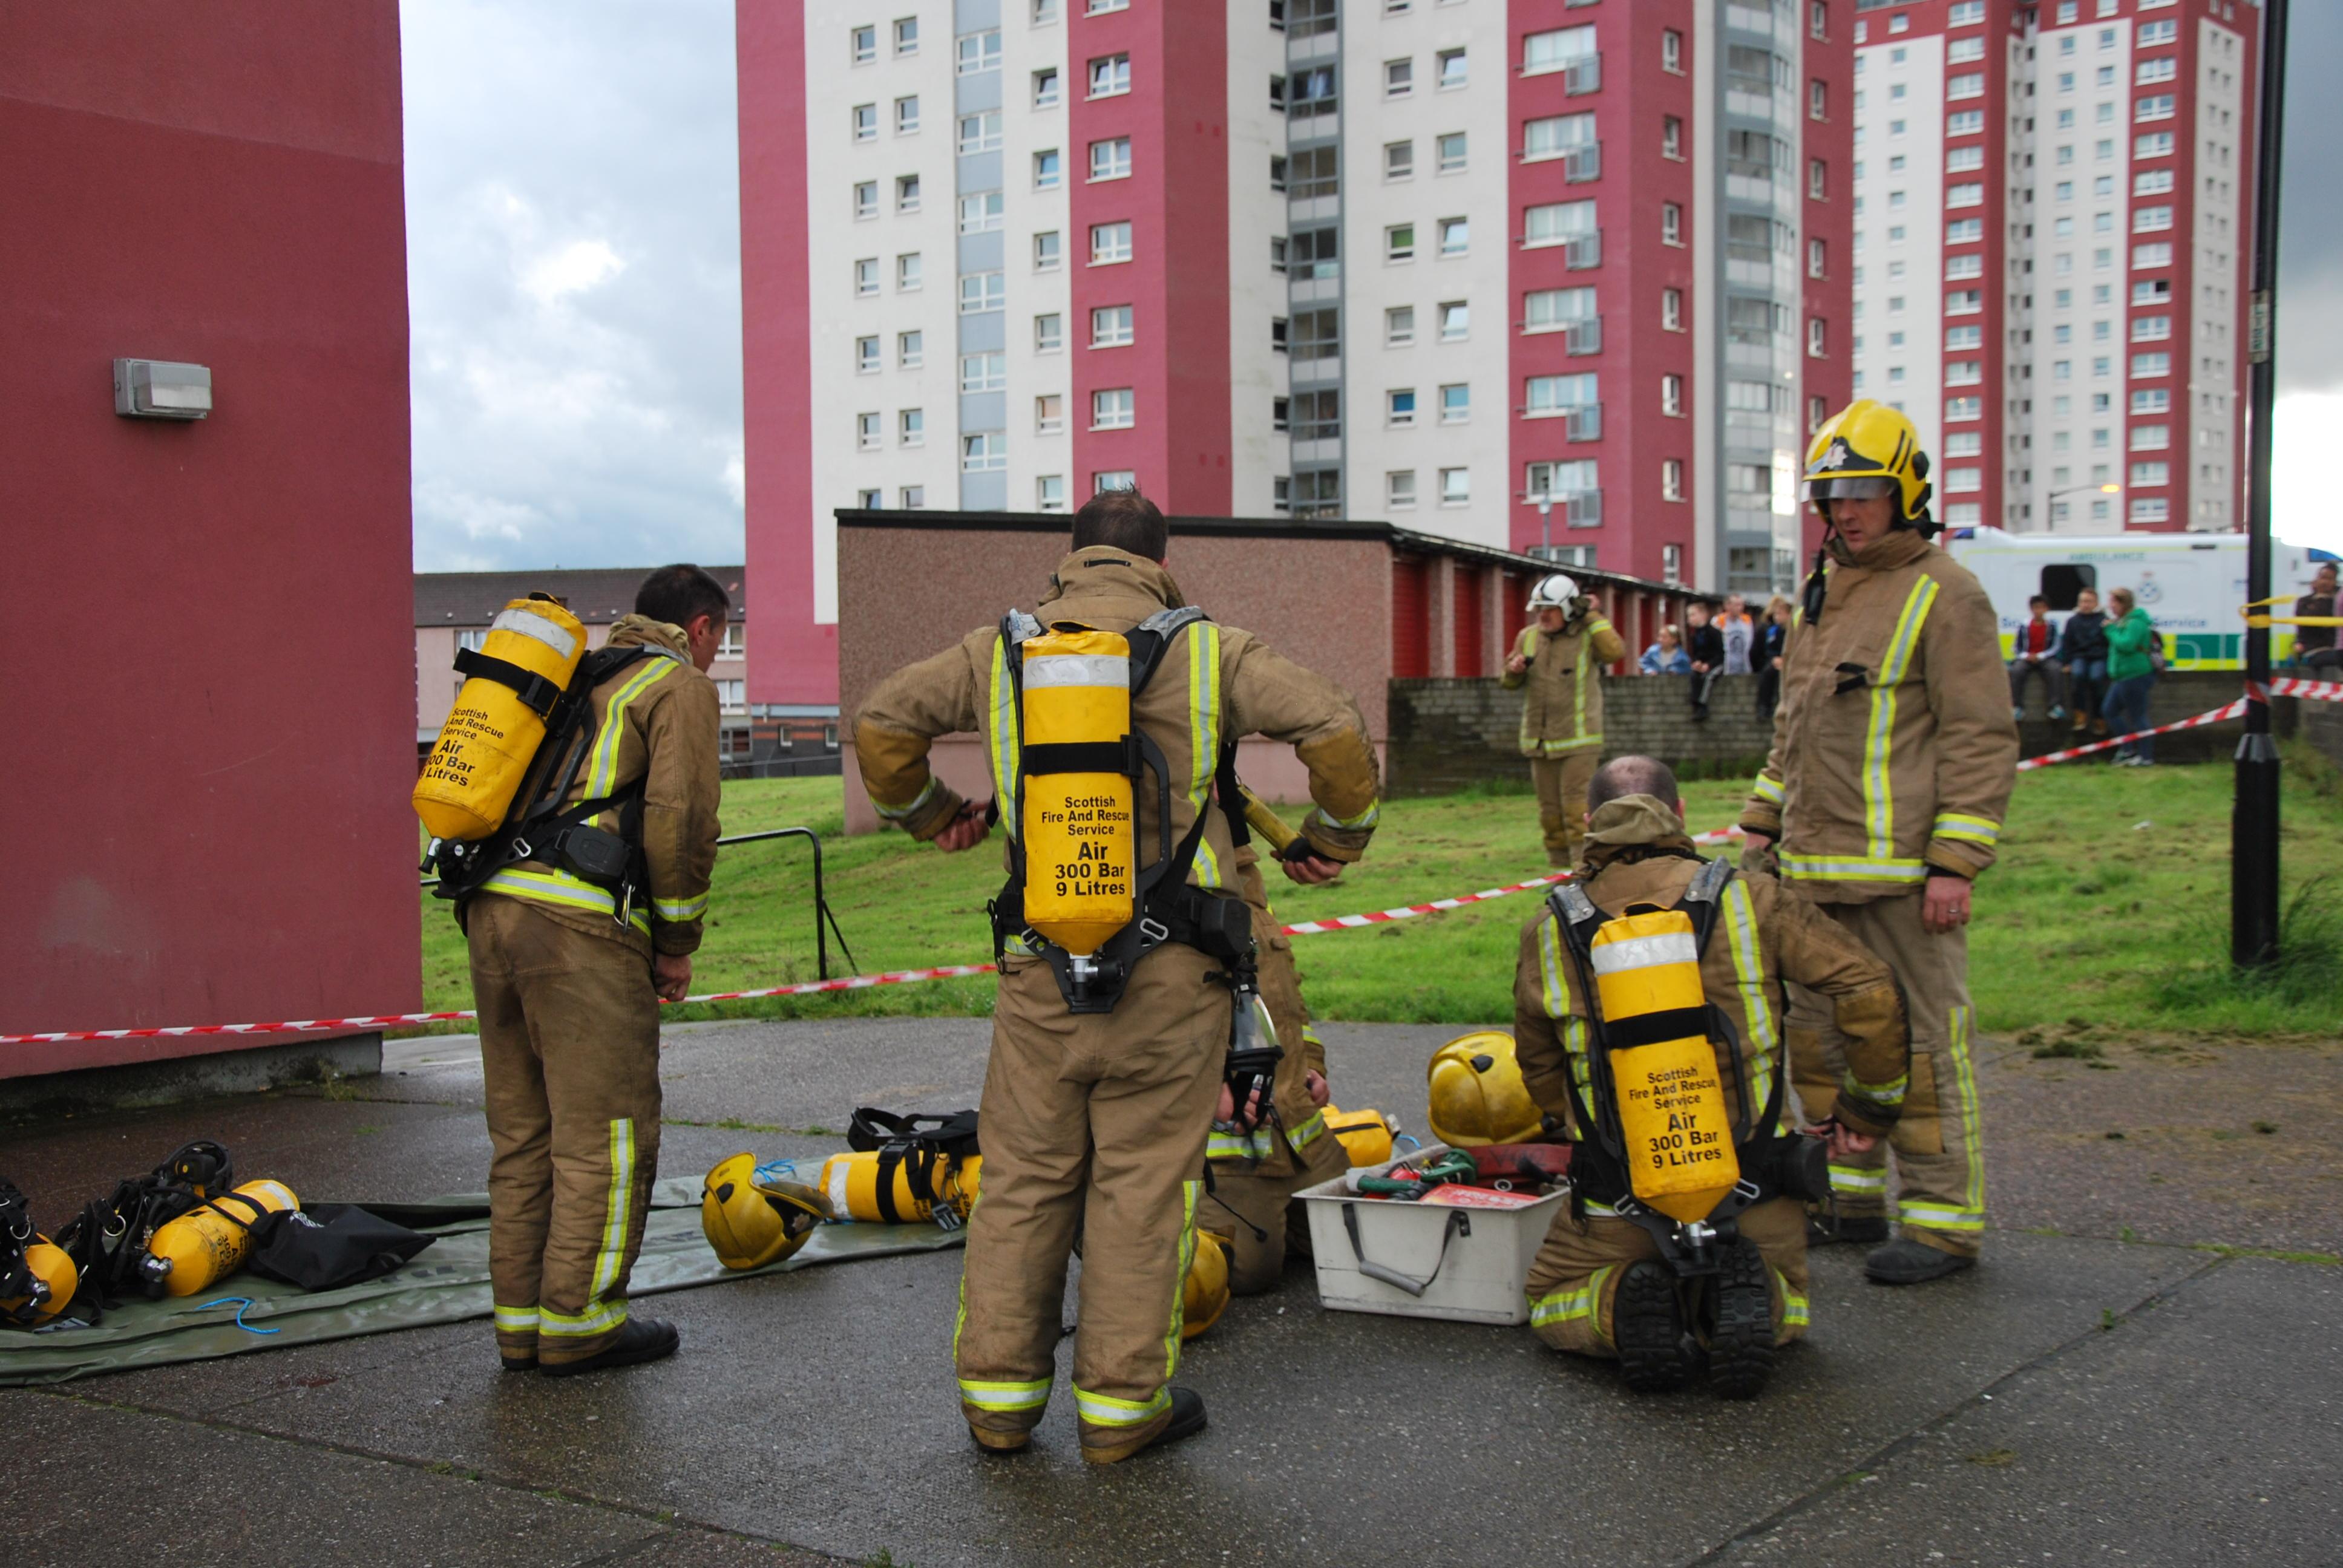 Fire crews tackle Glasgow blaze